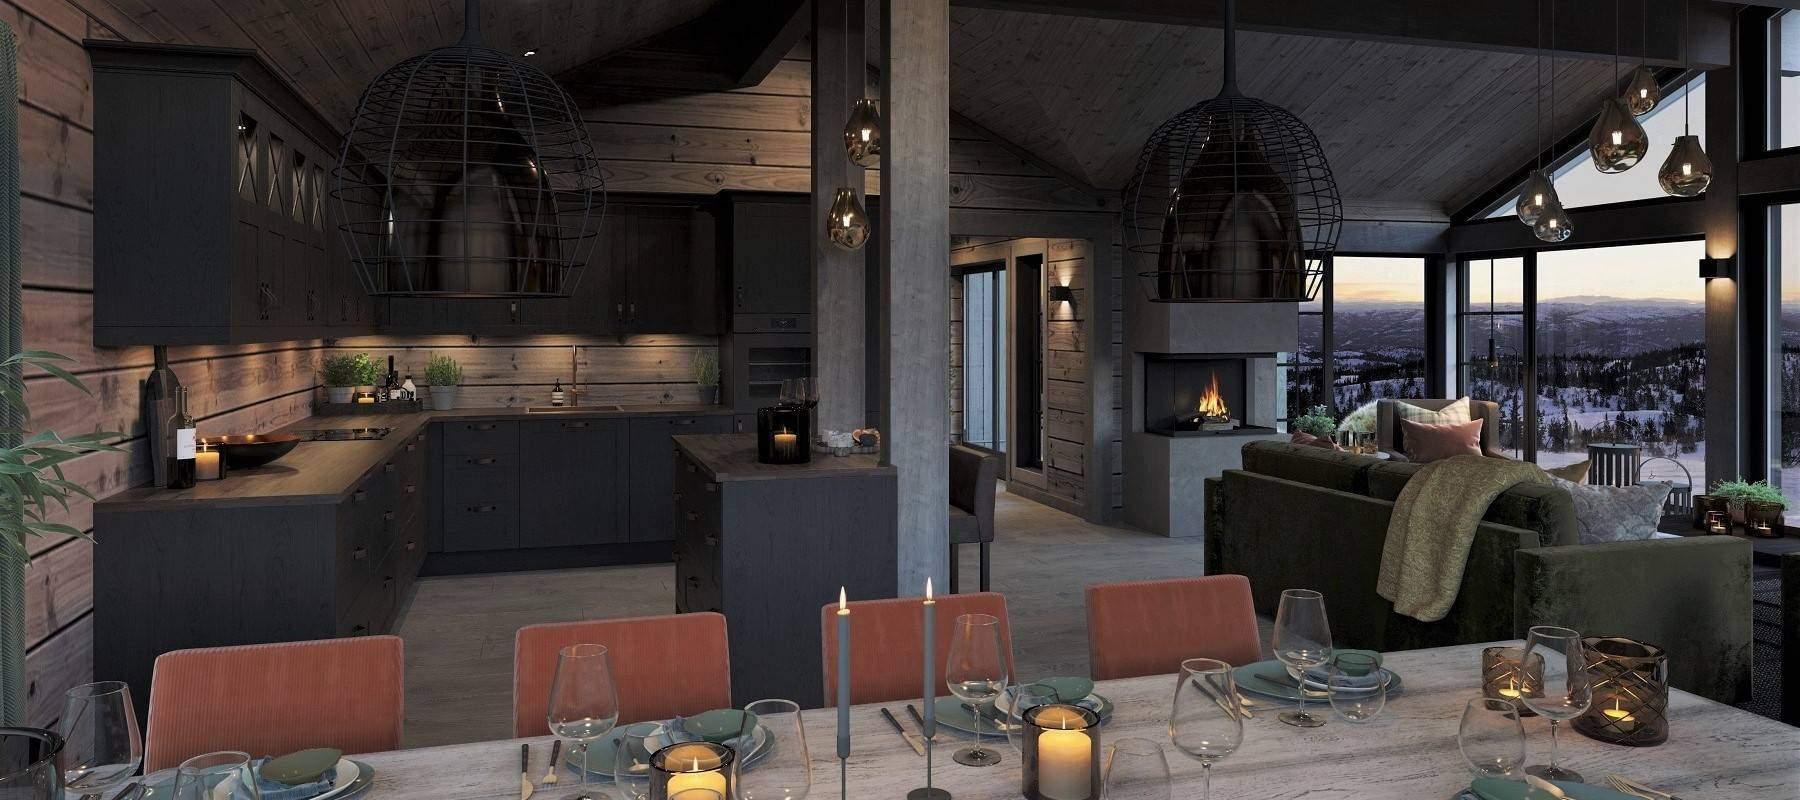 20 Geilo Hytteinspirasjon – Interiør kjøkken og spisestue Tiurtoppen Hytter